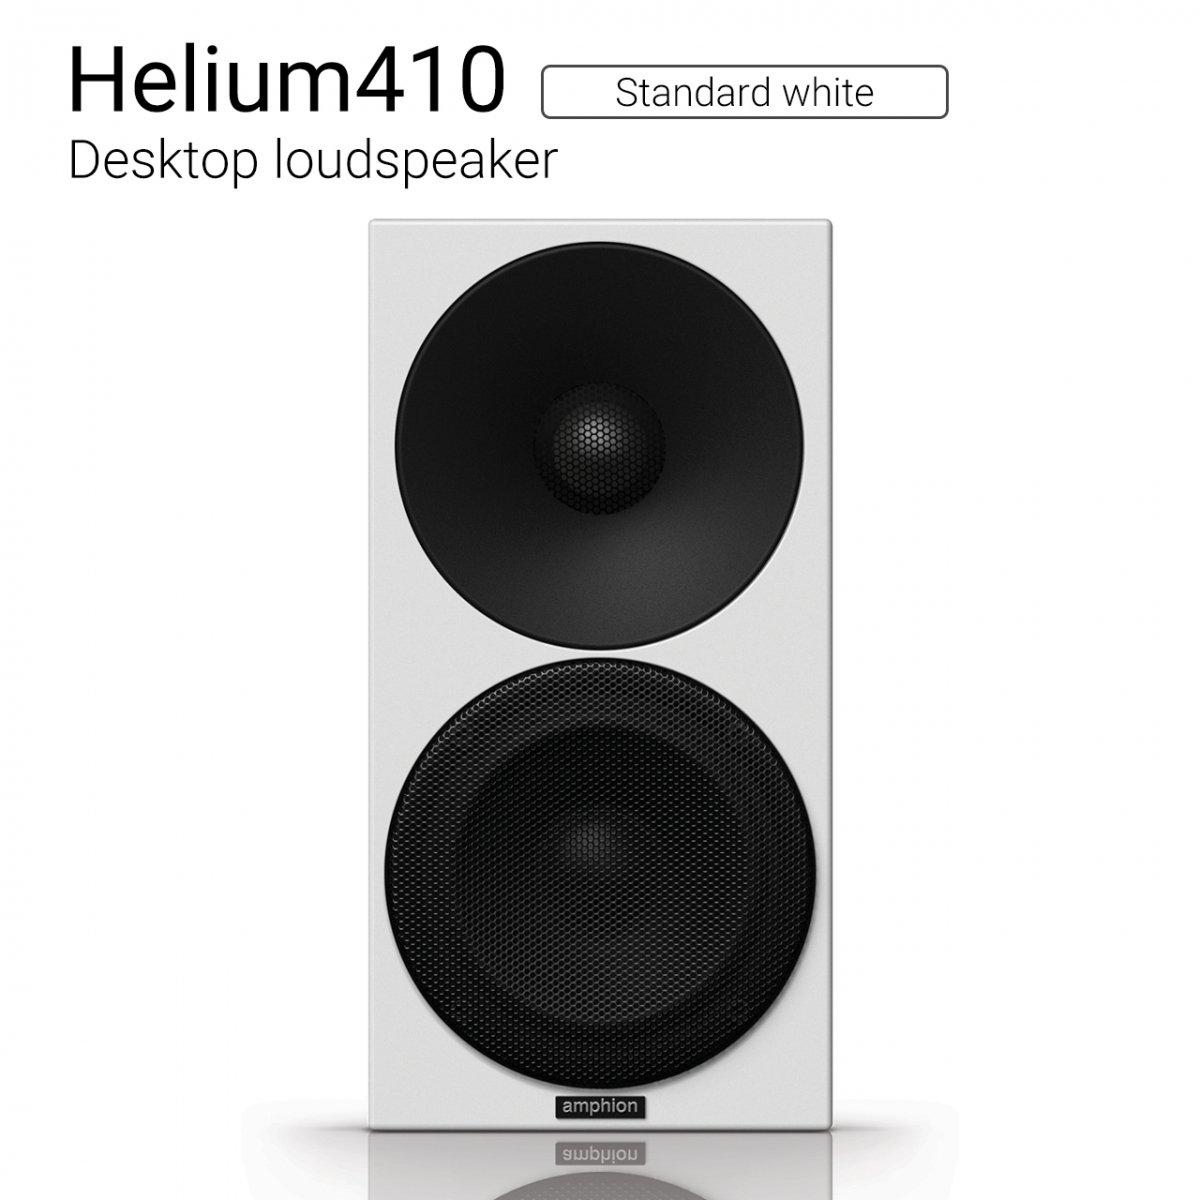 Helium410 (Standard white) Desktop loudspeaker【ペア】